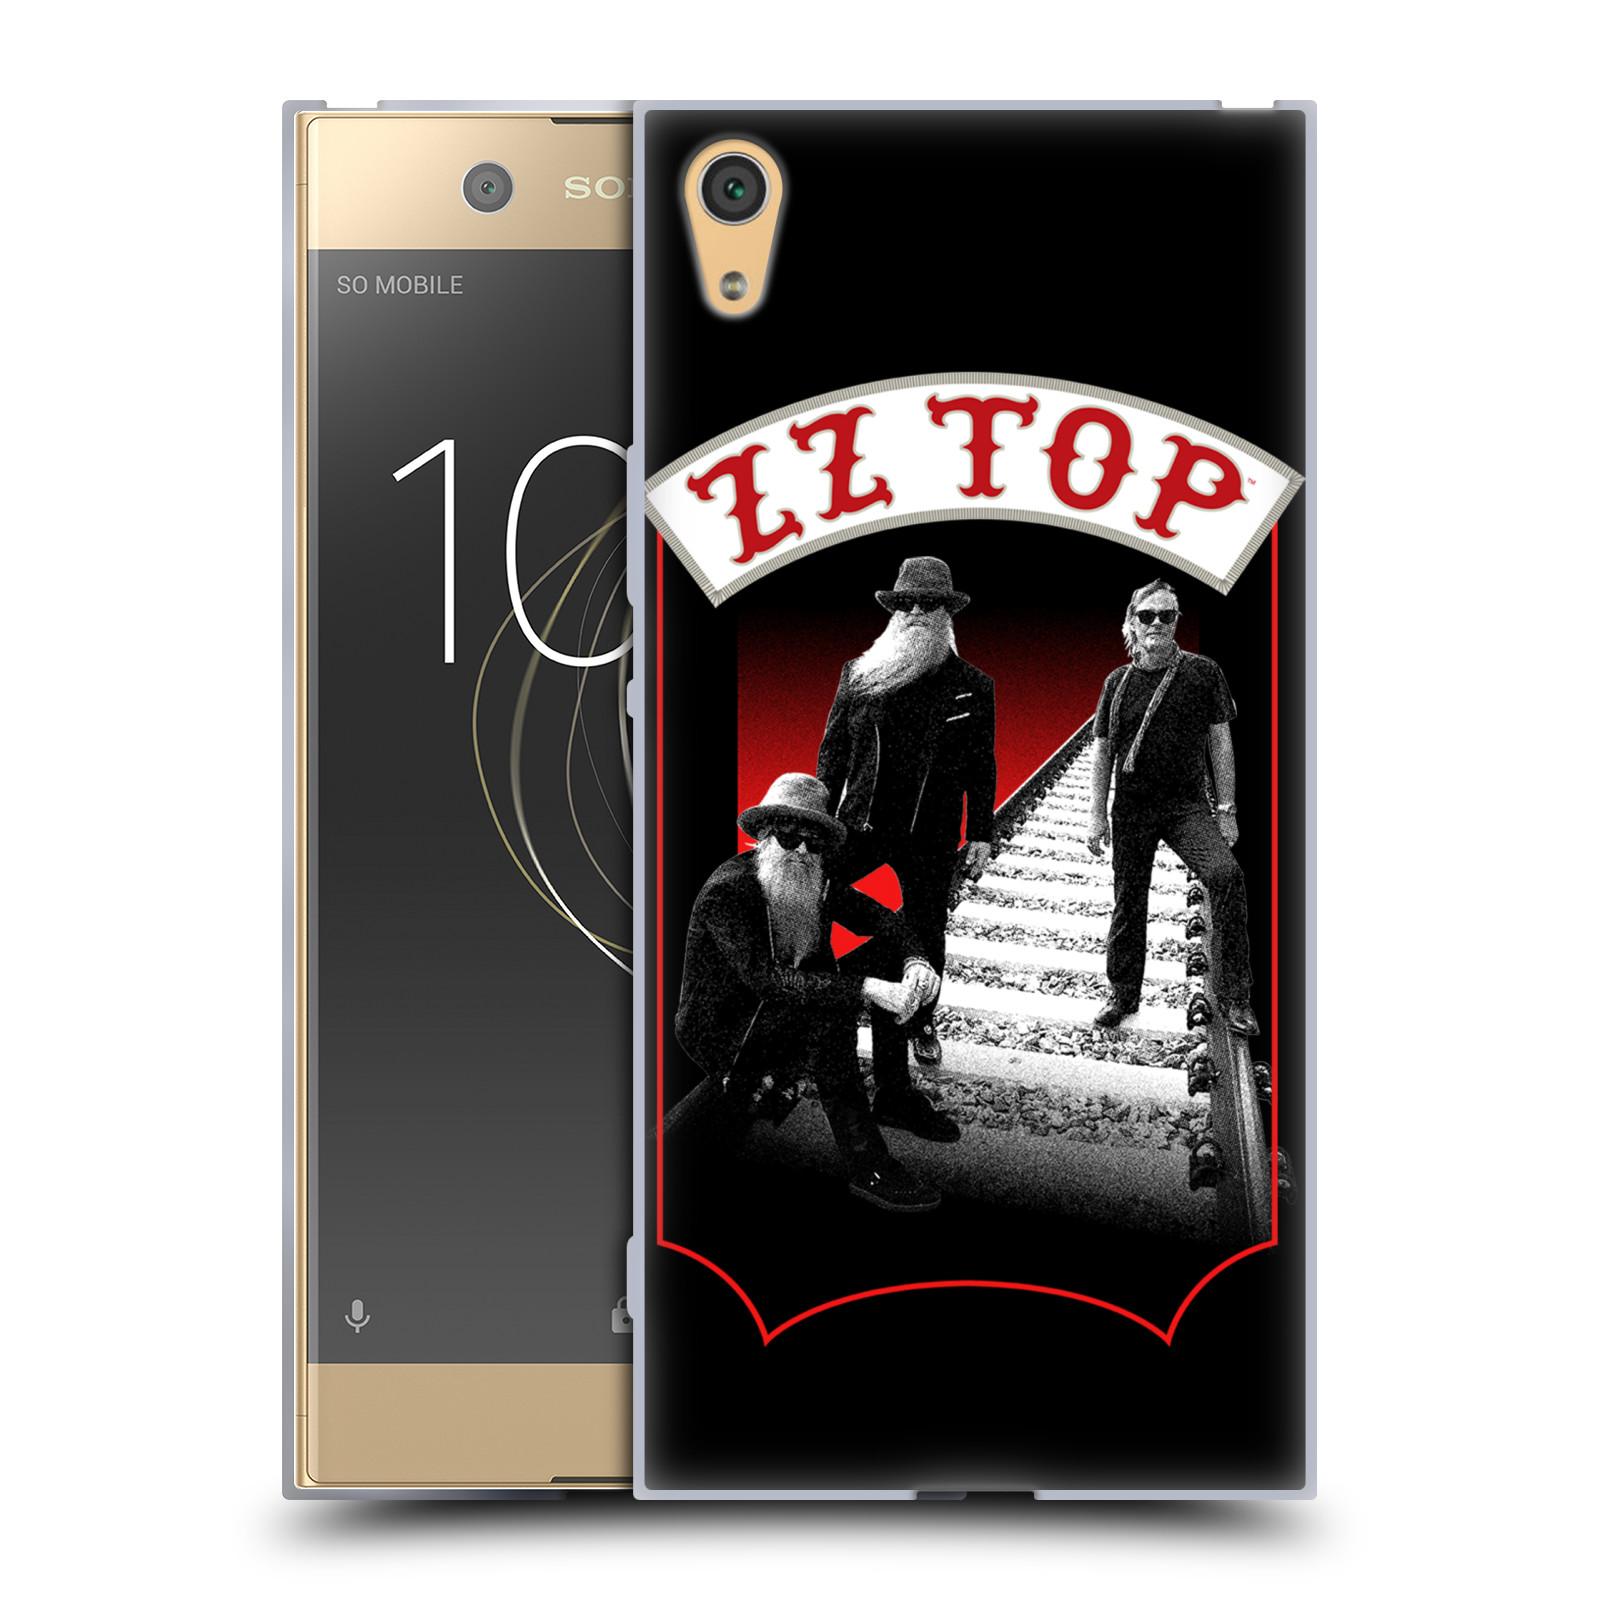 HEAD CASE silikonový obal na mobil Sony Xperia XA1 ULTRA ZZ Top koleje zpěváci